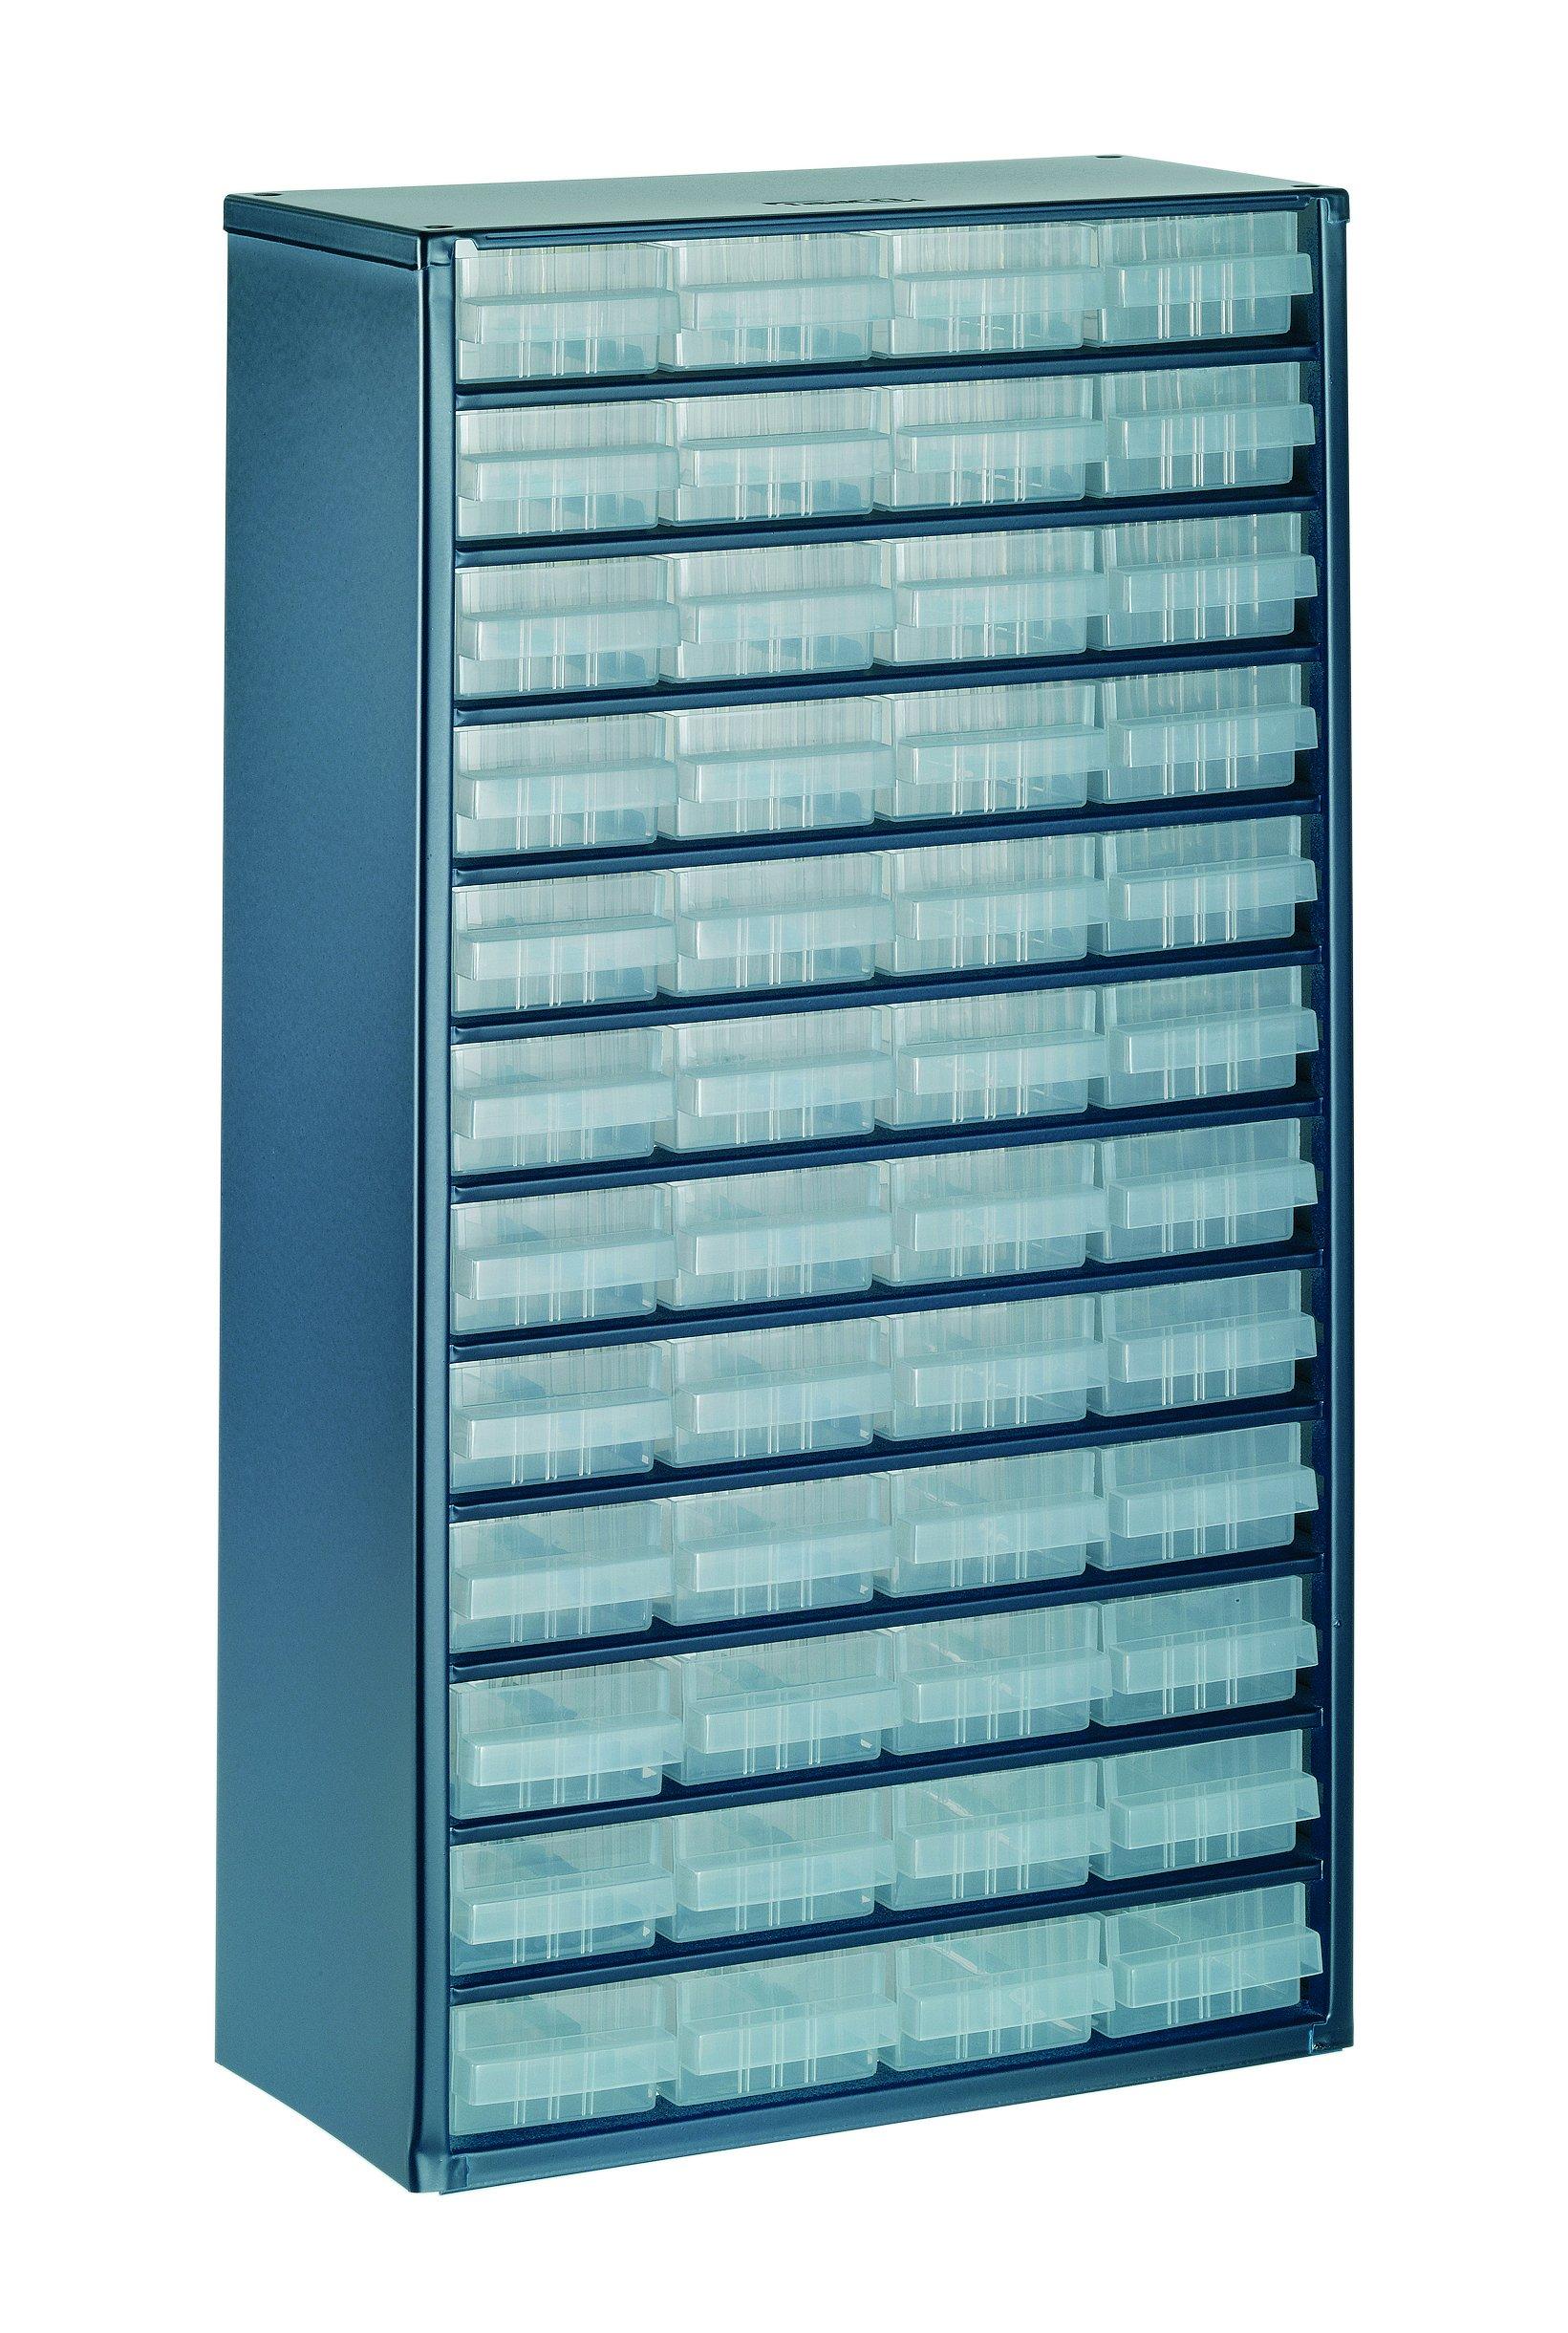 raaco 137393 1248-01 Casier avec 48 tiroirs, Bleu/Transparent